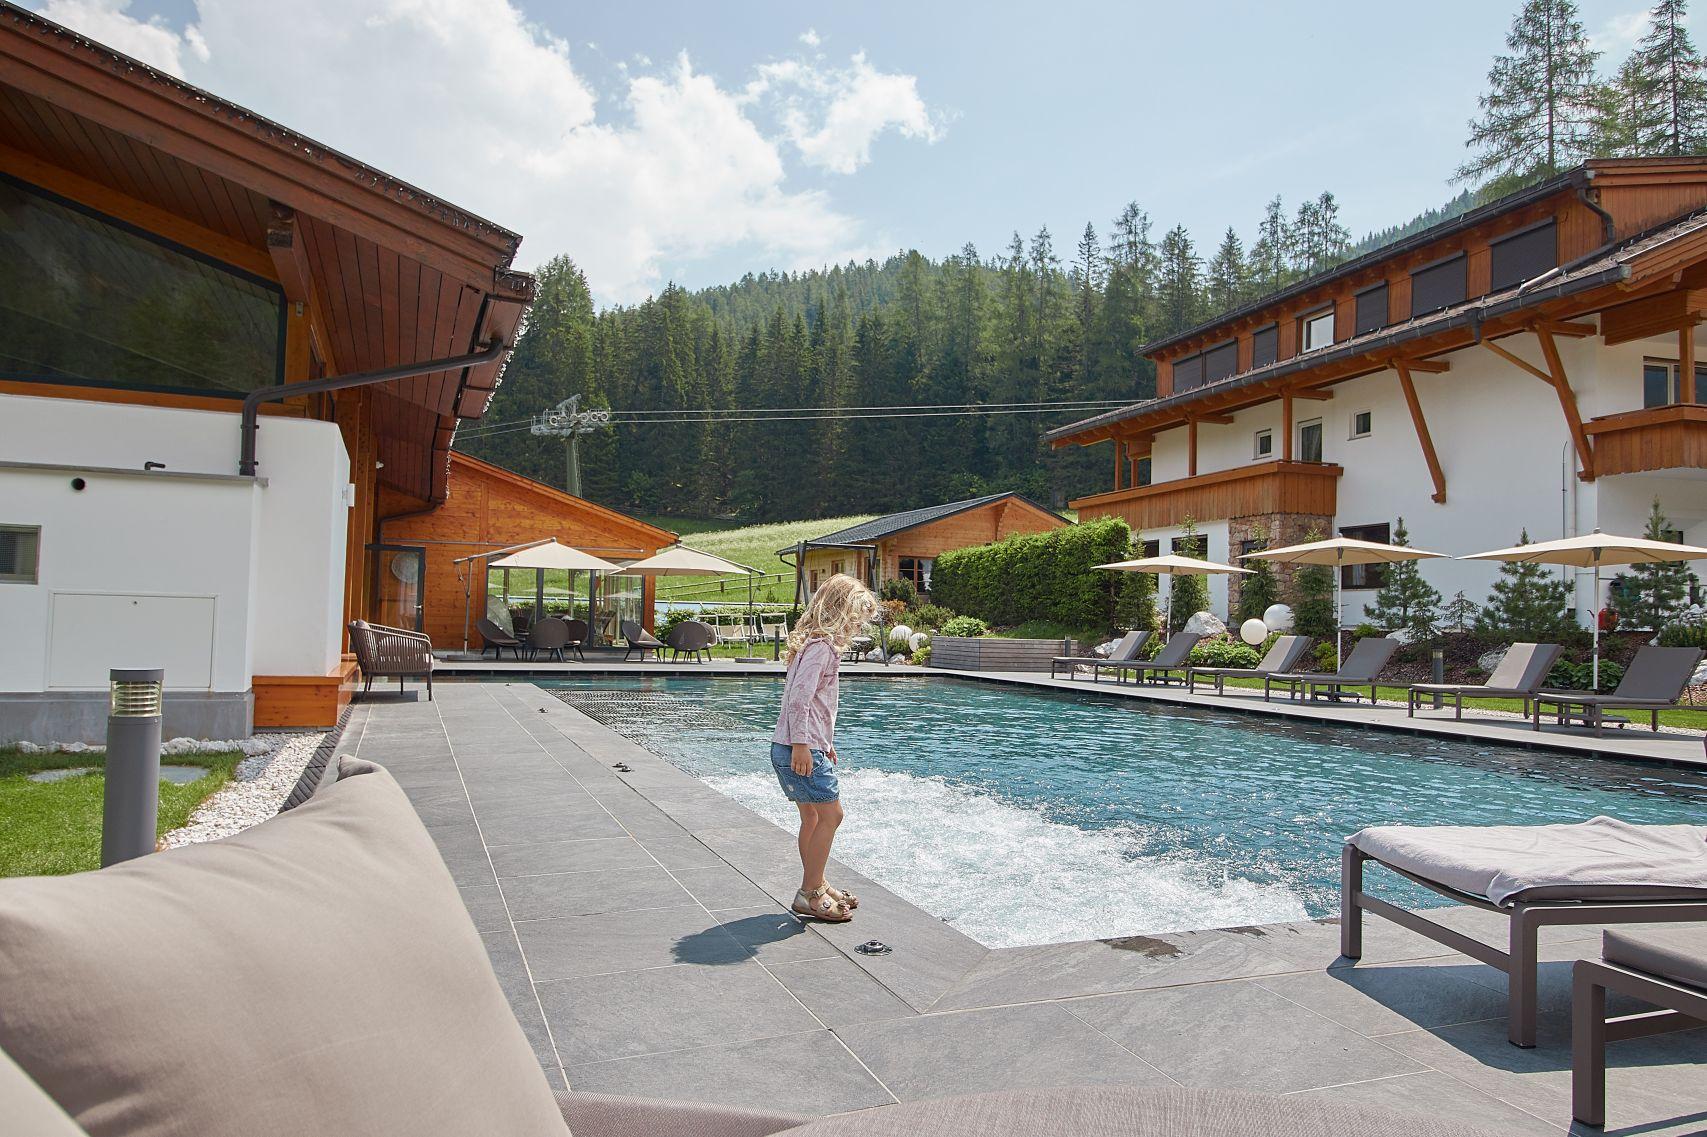 Swimmingpool im Bad Moos Dolomites Spa Resort